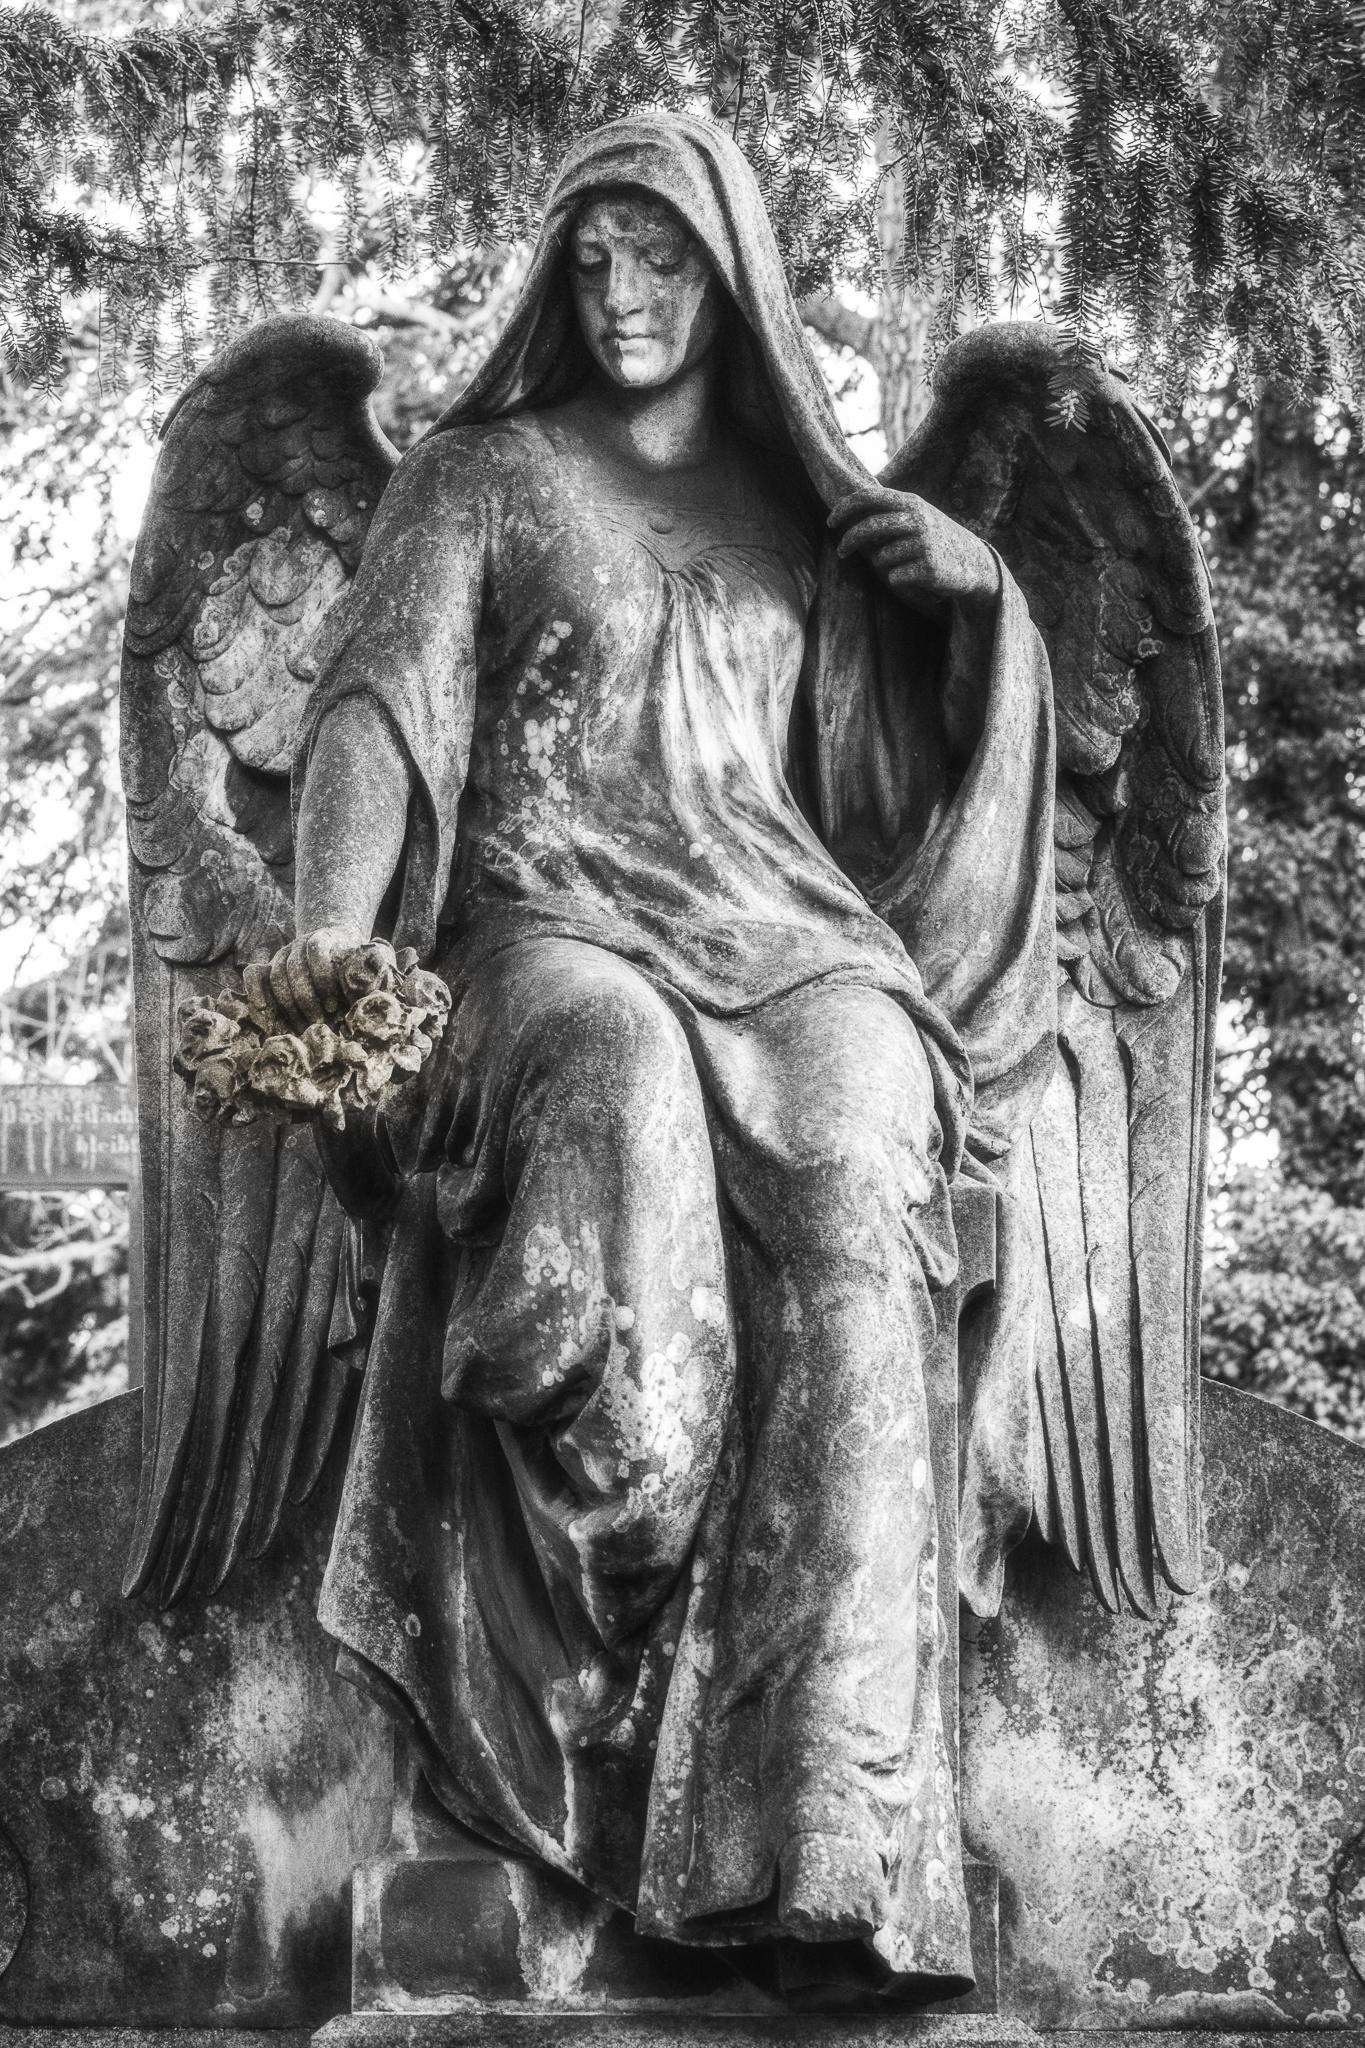 Ein steinerner Engel.